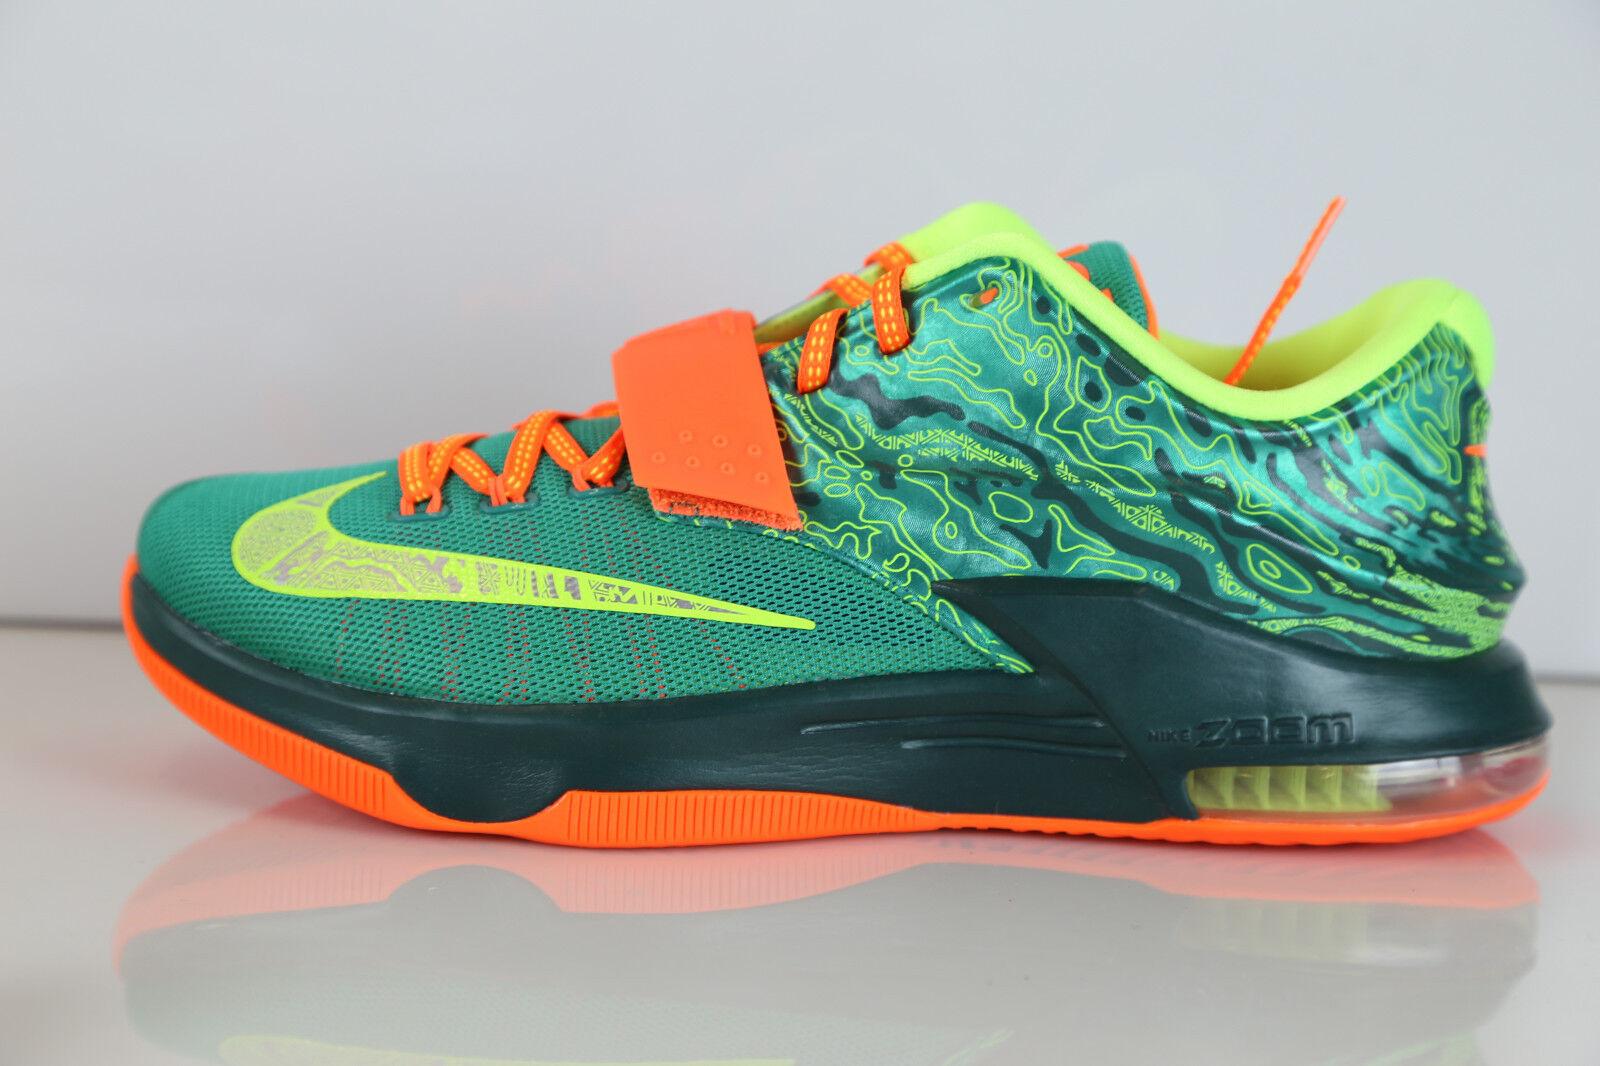 Nike KD VII meteorólogo verde 7 esmeralda 653996-303 9 12 7 verde 6 5 1 baratos zapatos de mujer zapatos de mujer 8f40cb